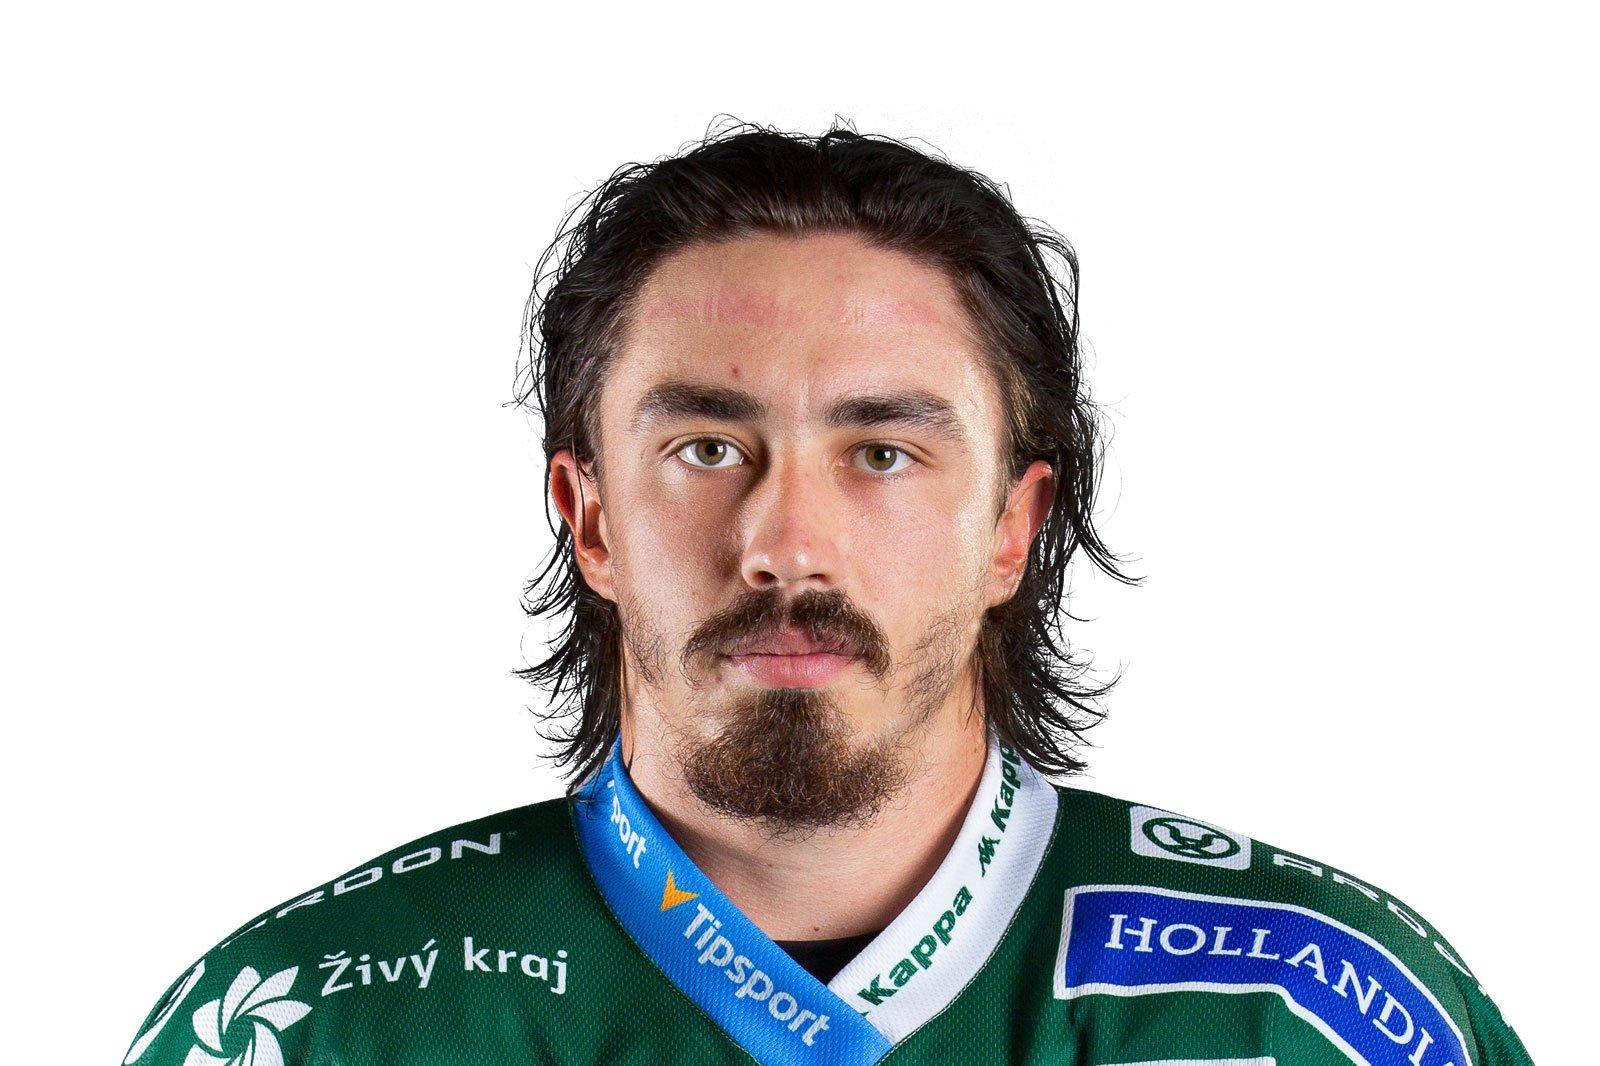 Martin Kohout